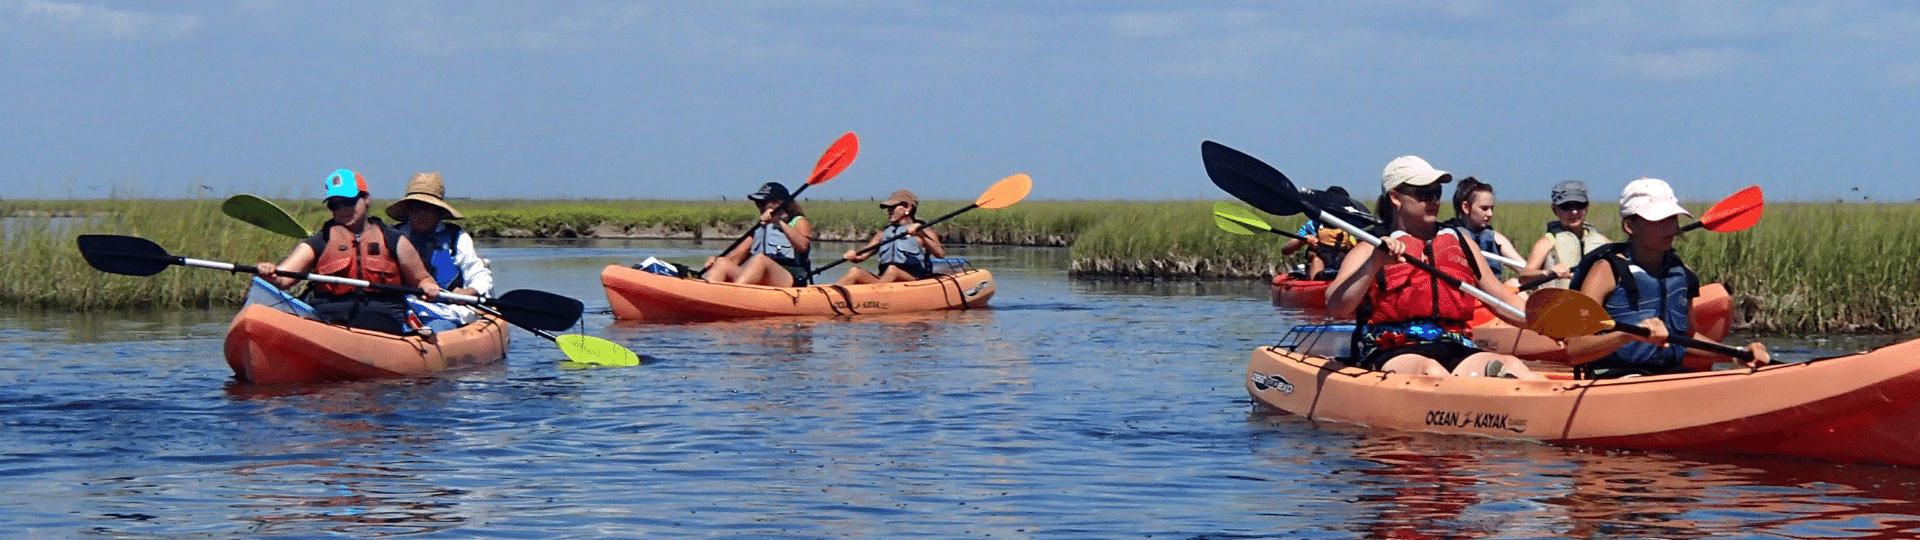 kayaking in Galveston TX